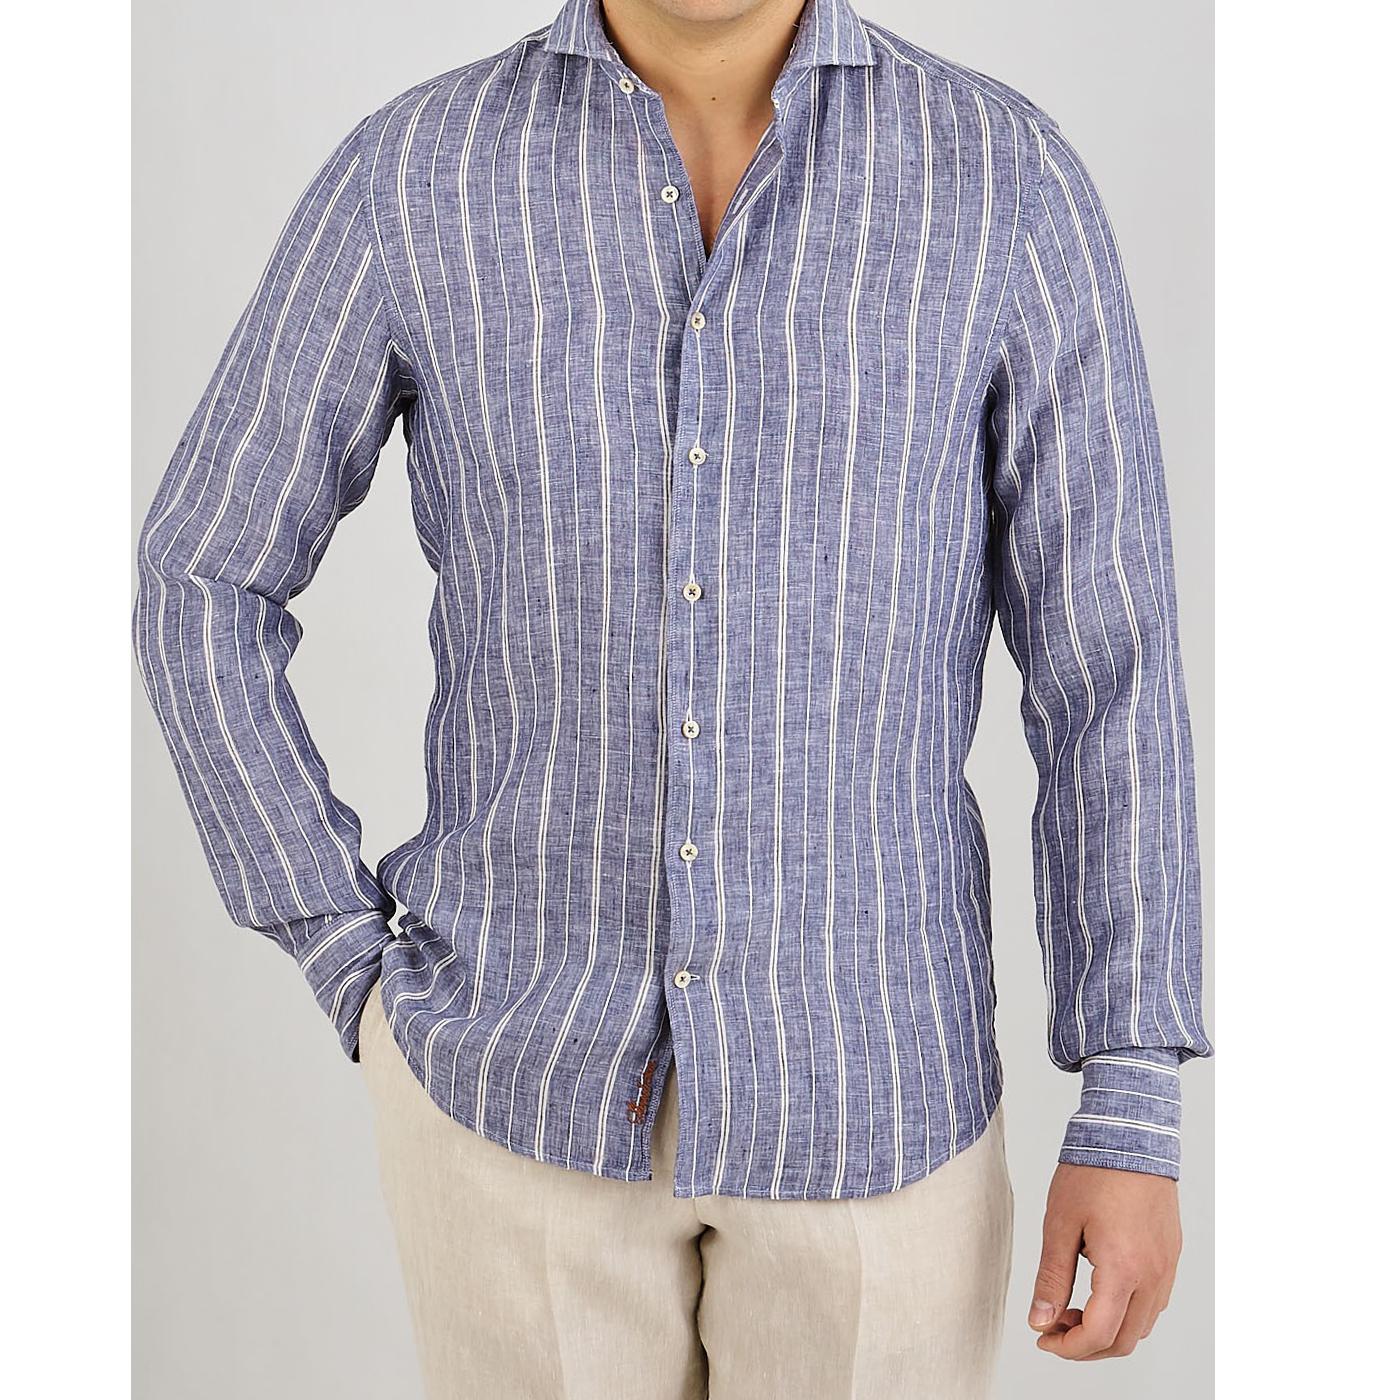 Stenströms Blue Vintage Striped Linen Slimline Shirt Front